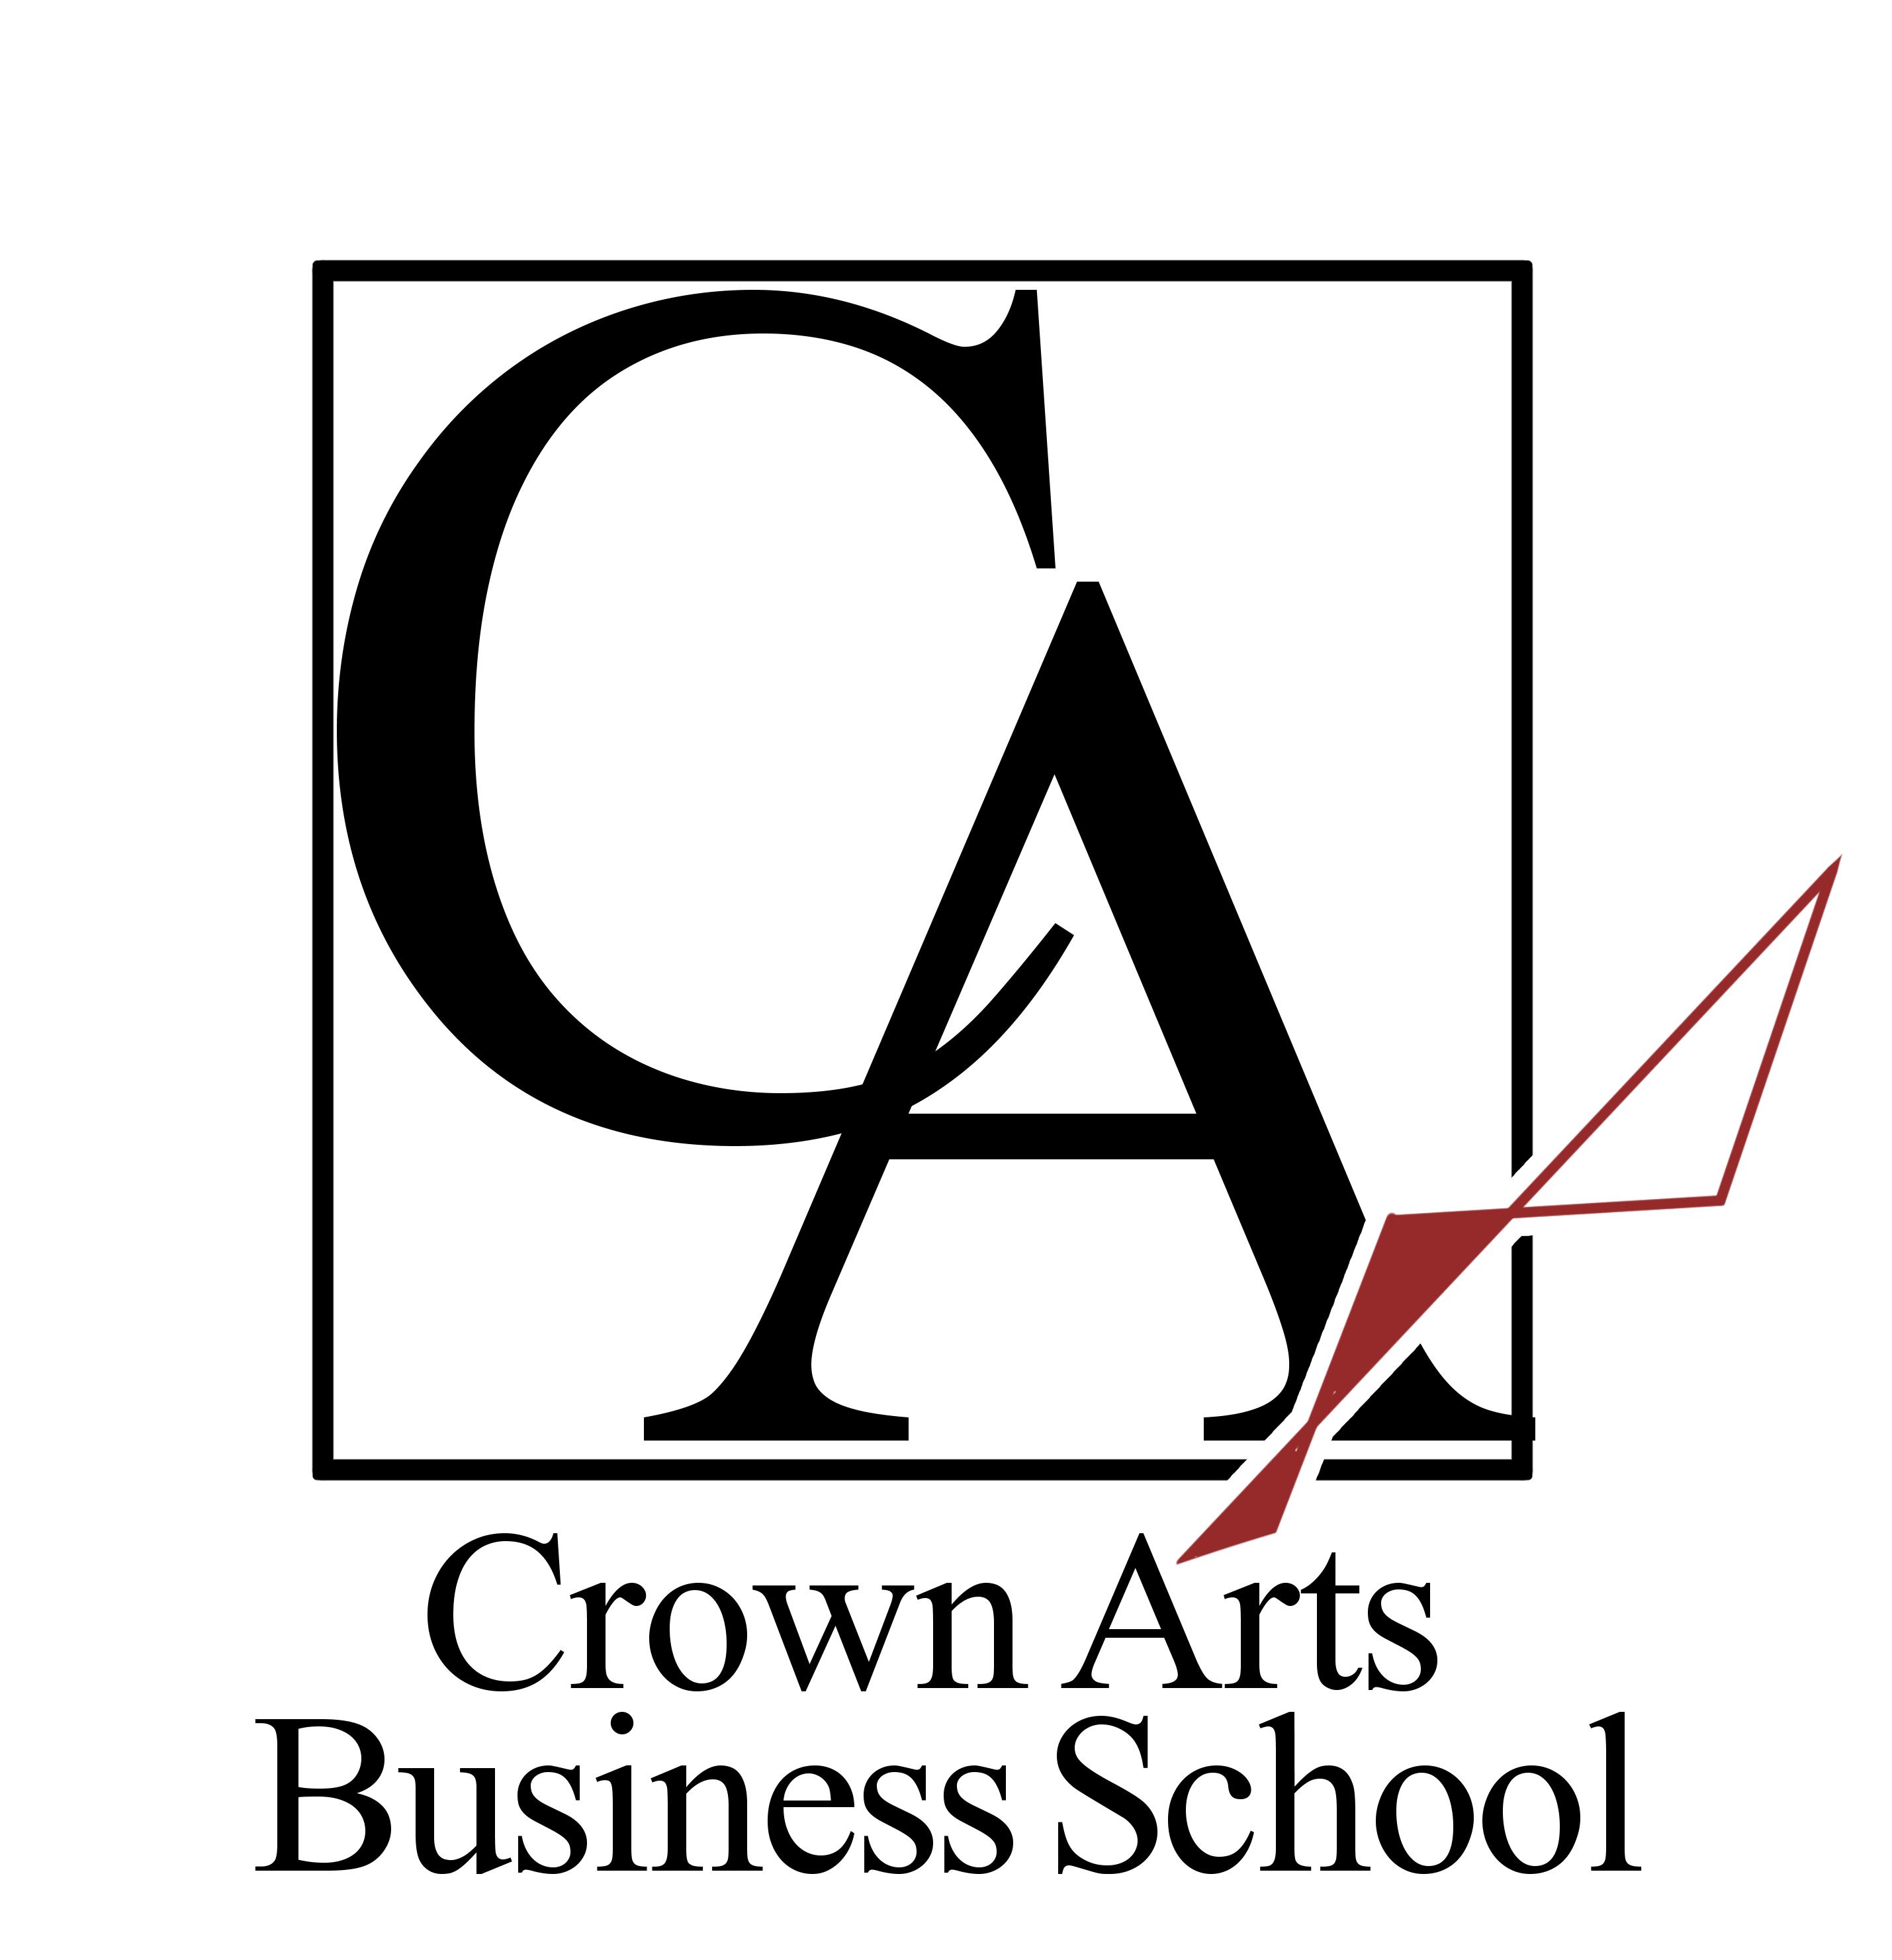 クラウンアーツ・ビジネススクール